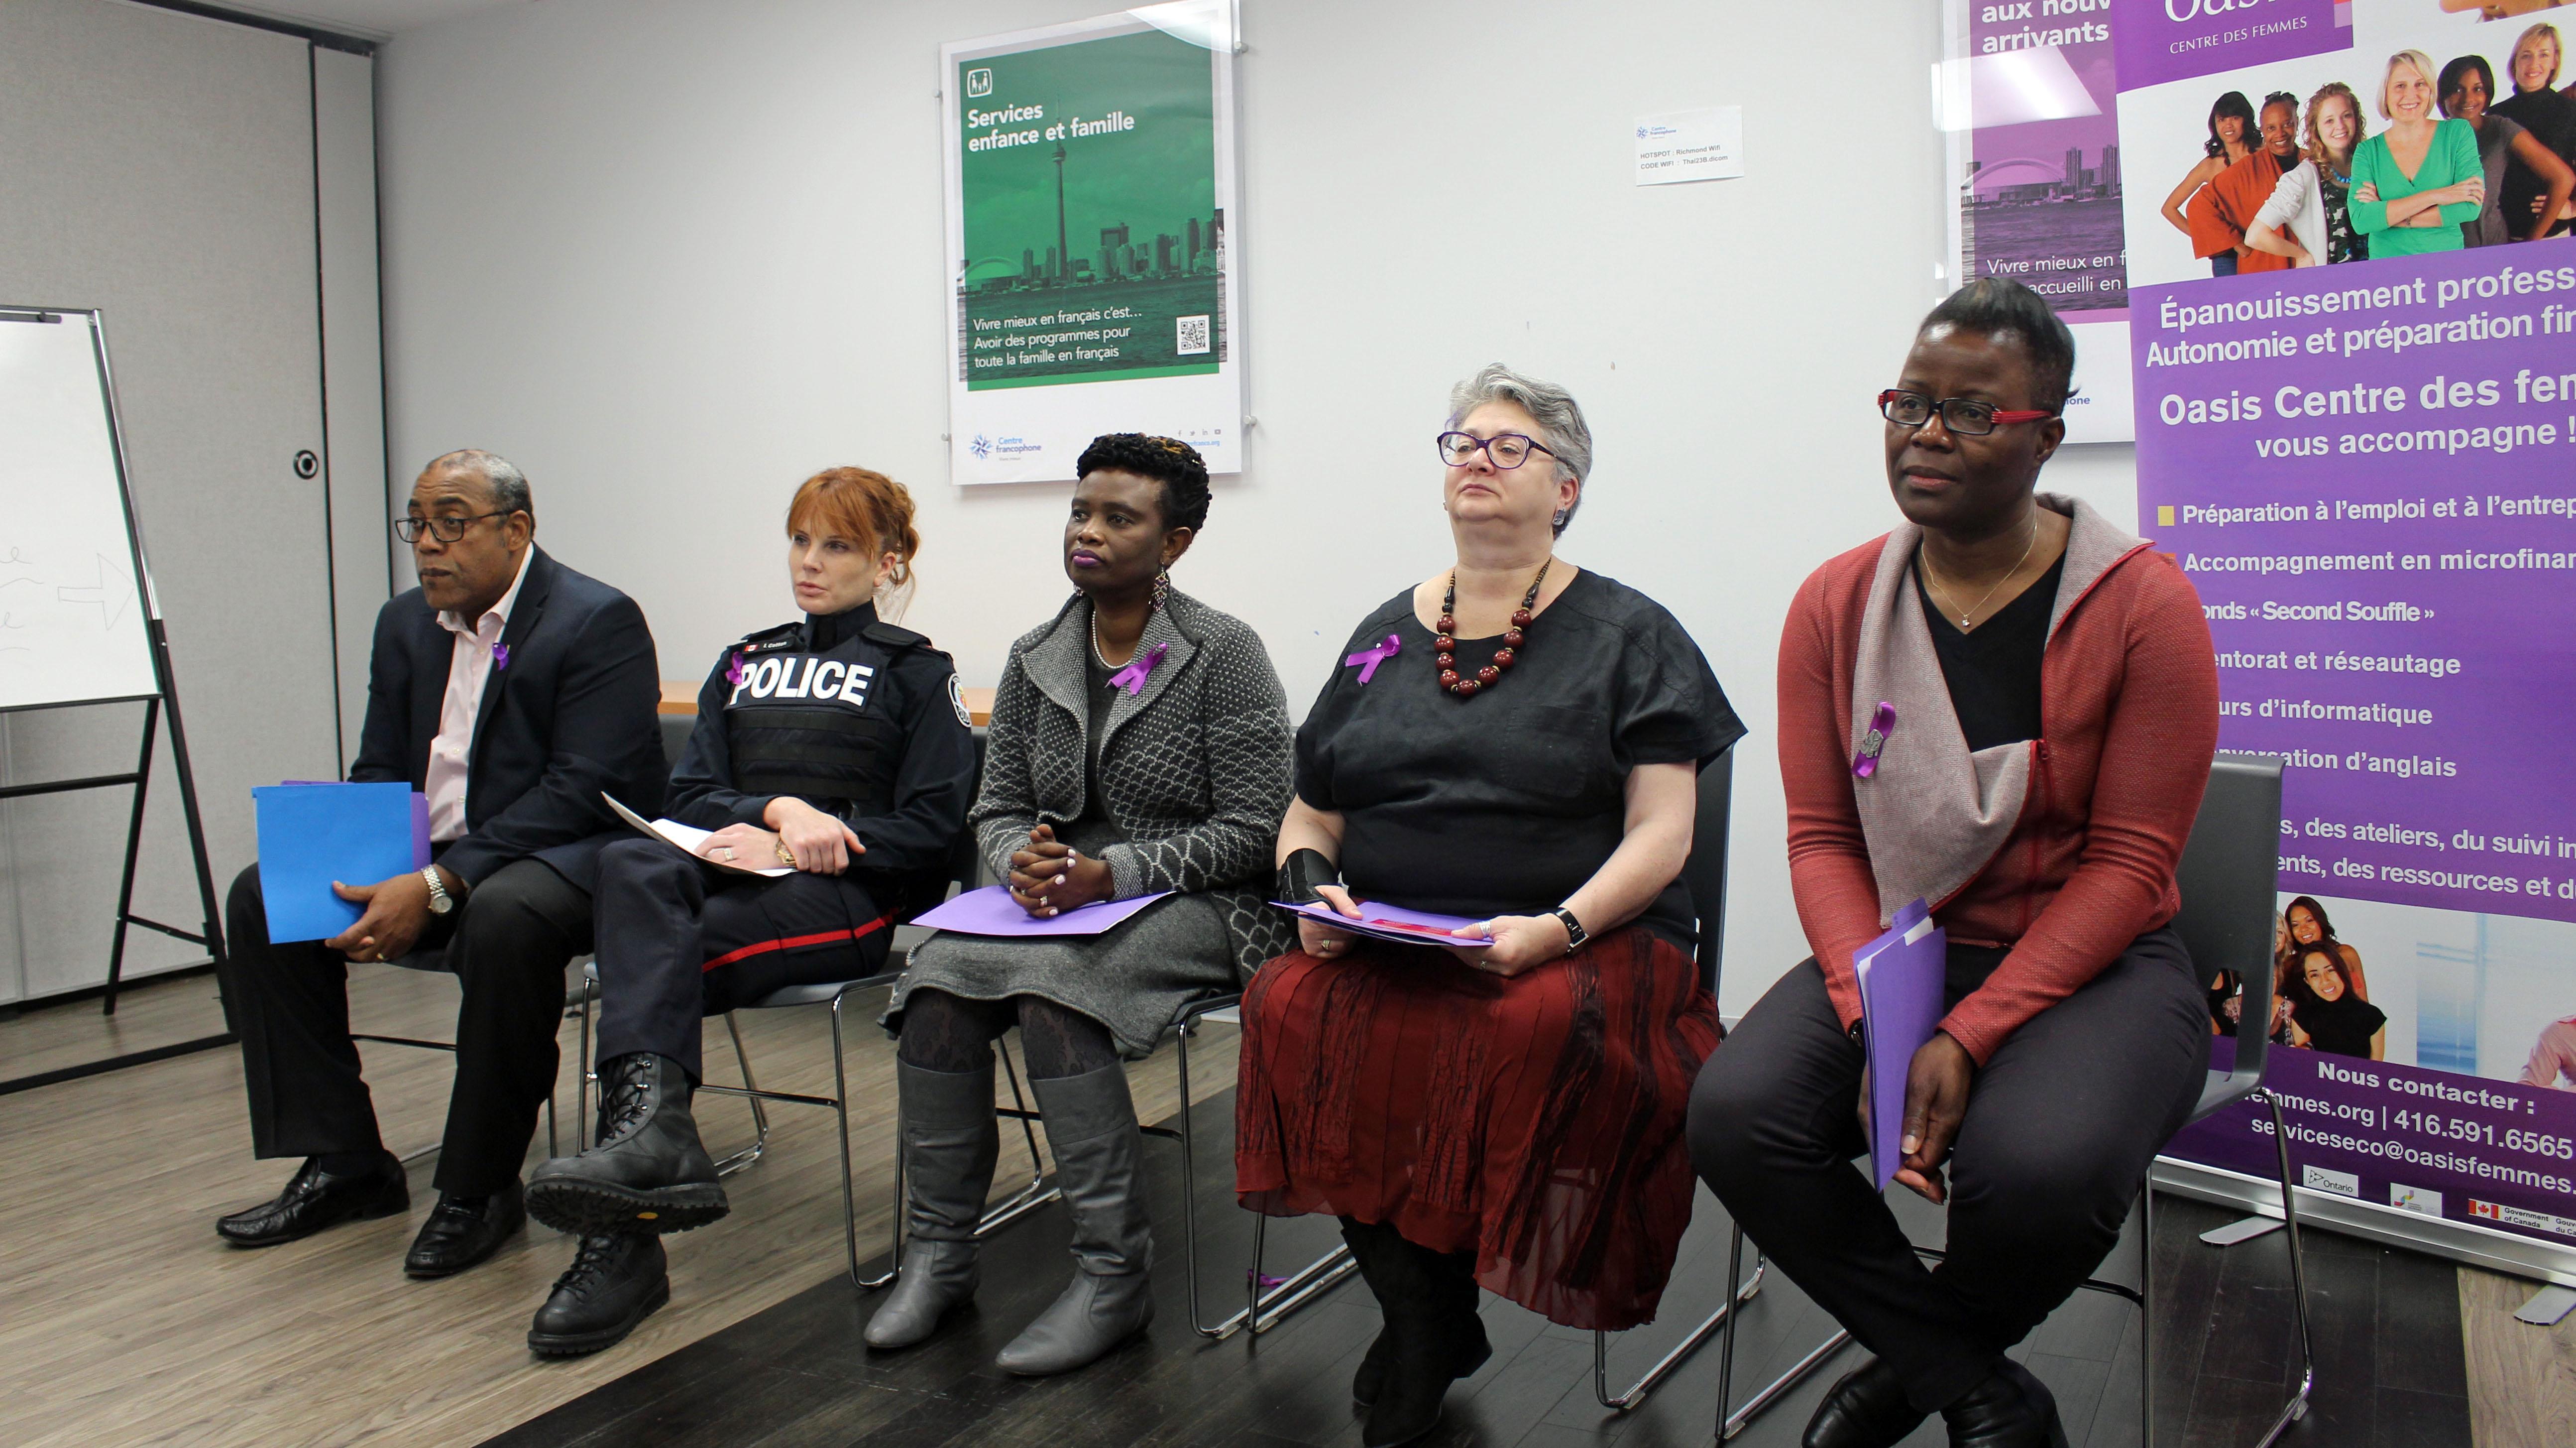 La campagne est menée en collaboration avec Oasis Centre des femmes, la Police de Toronto, le Centre francophone, la Maison d'hébergement et CAMH